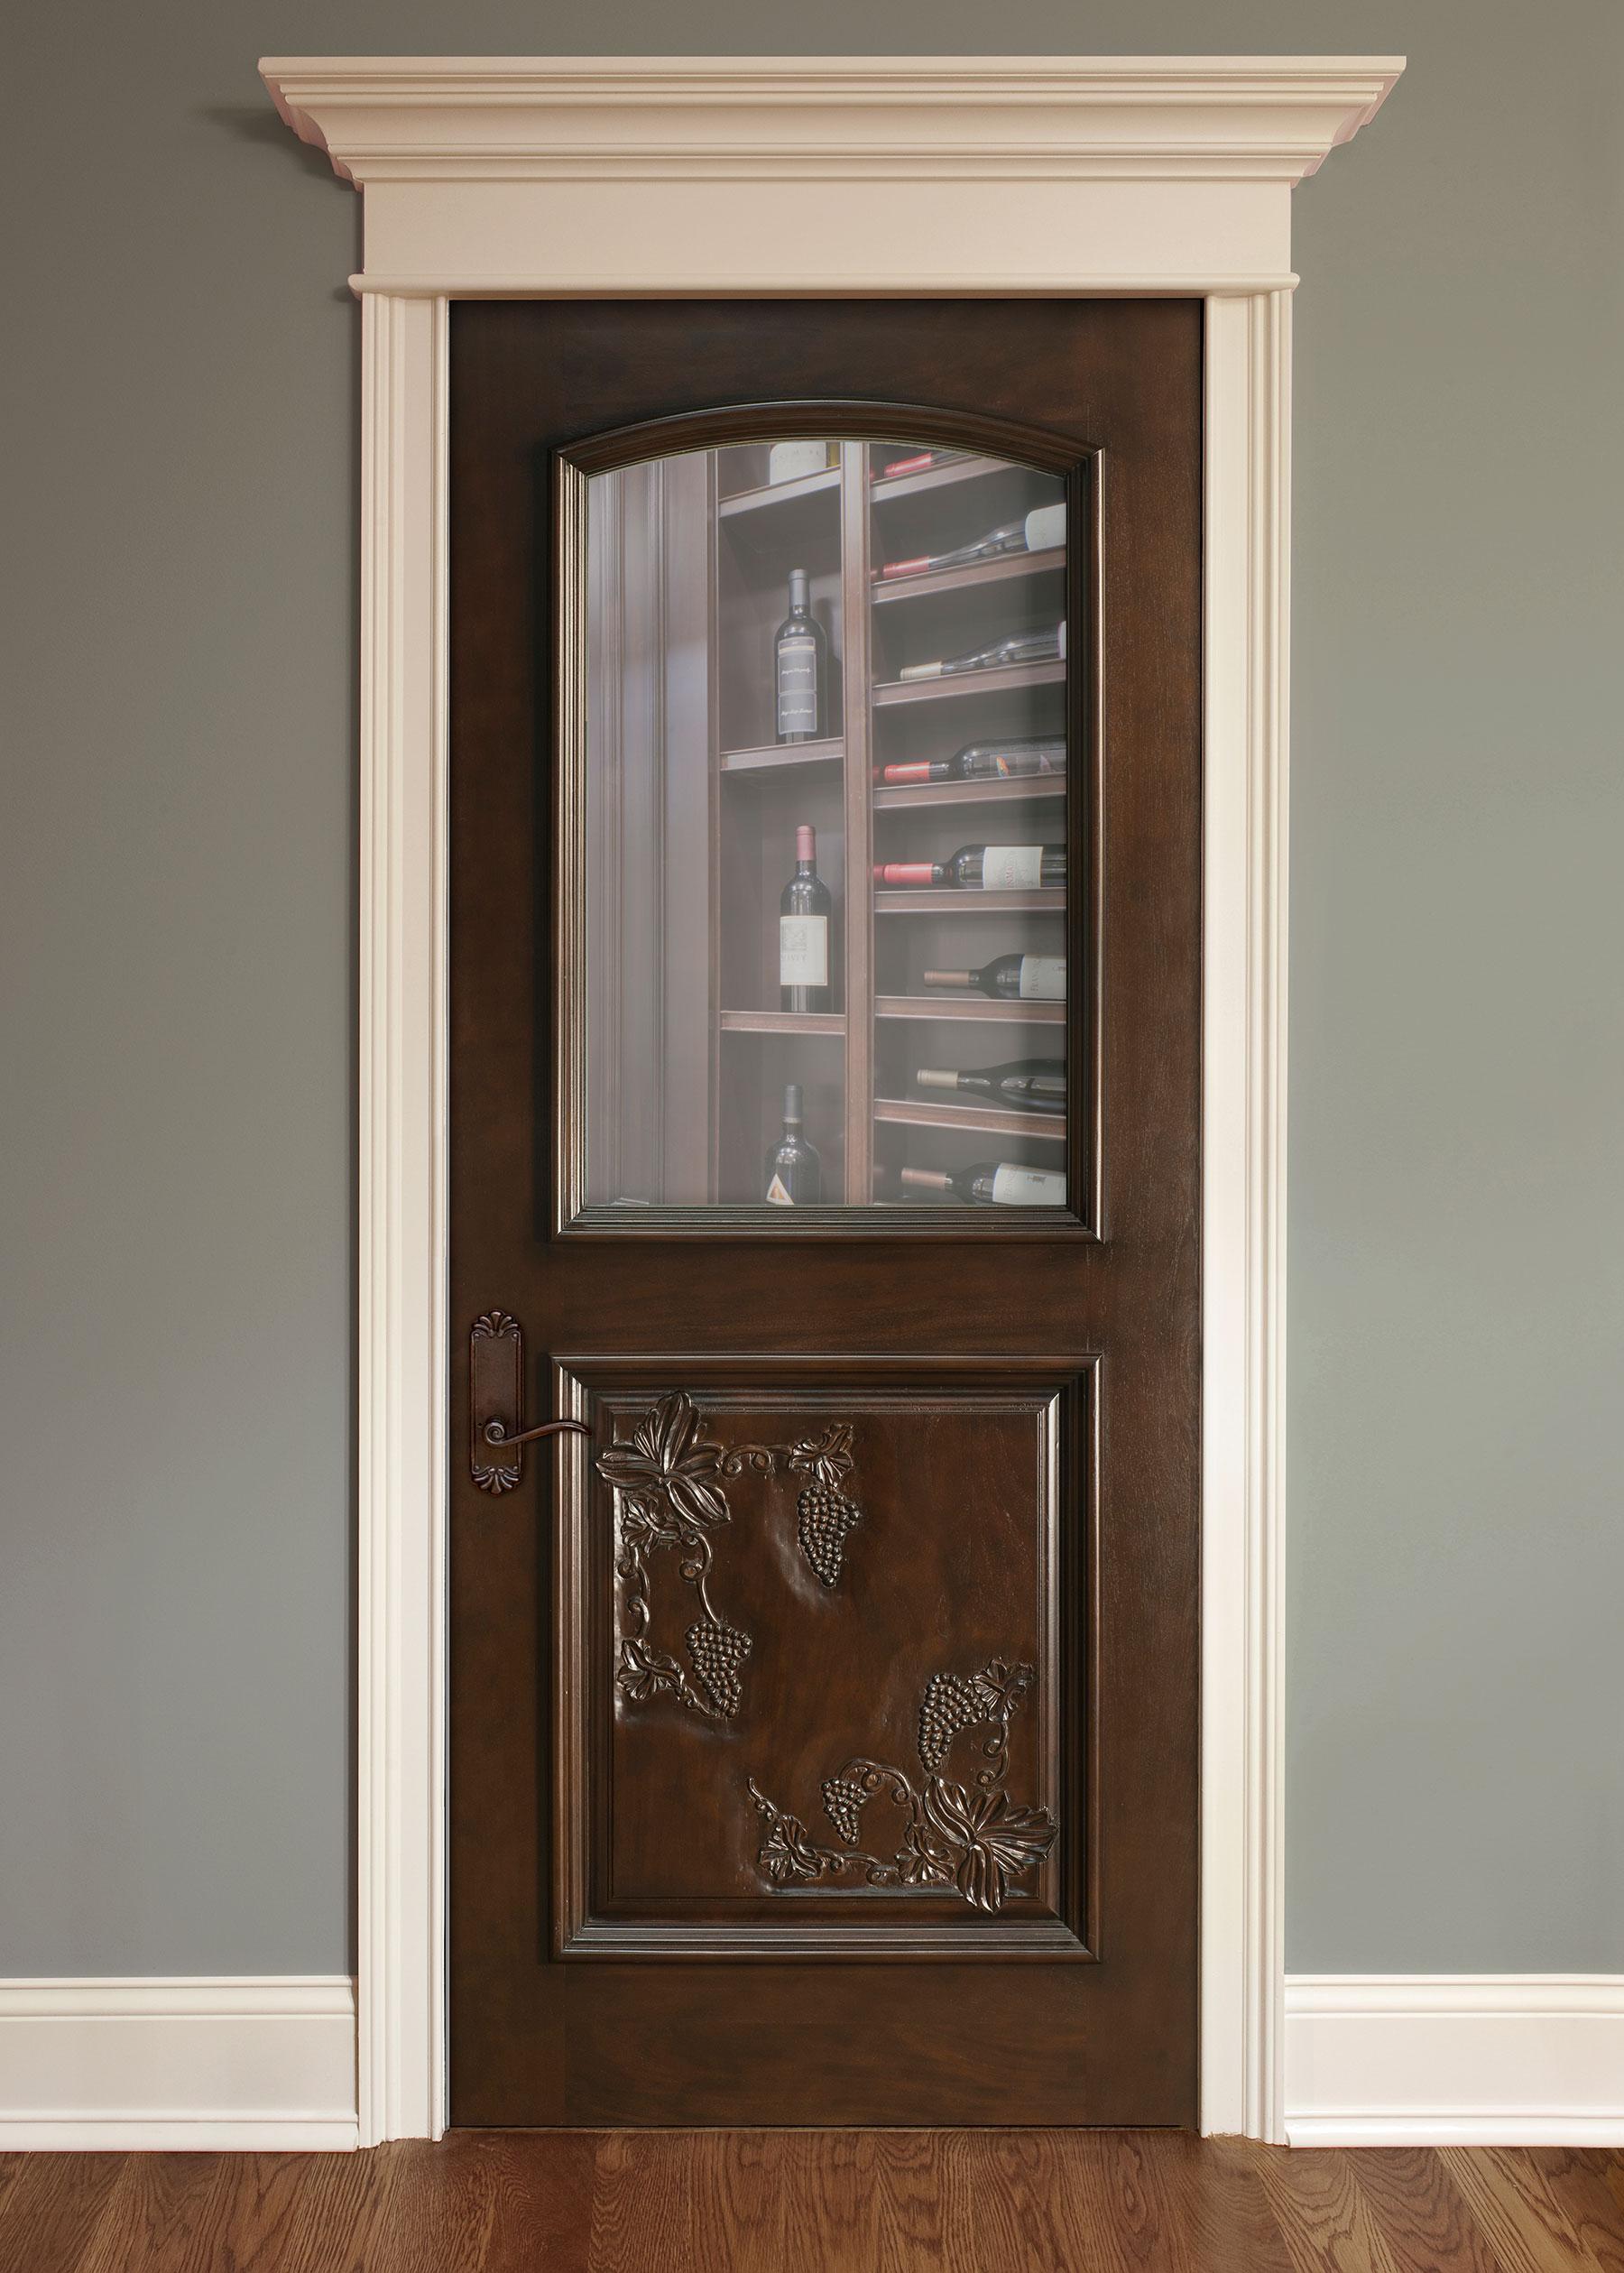 Custom Wood Interior Doors | Wine Cellar Solid Wood Door,  Custom Carving DBI-711HCR - Glenview Doors - Custom Doors in Chicago